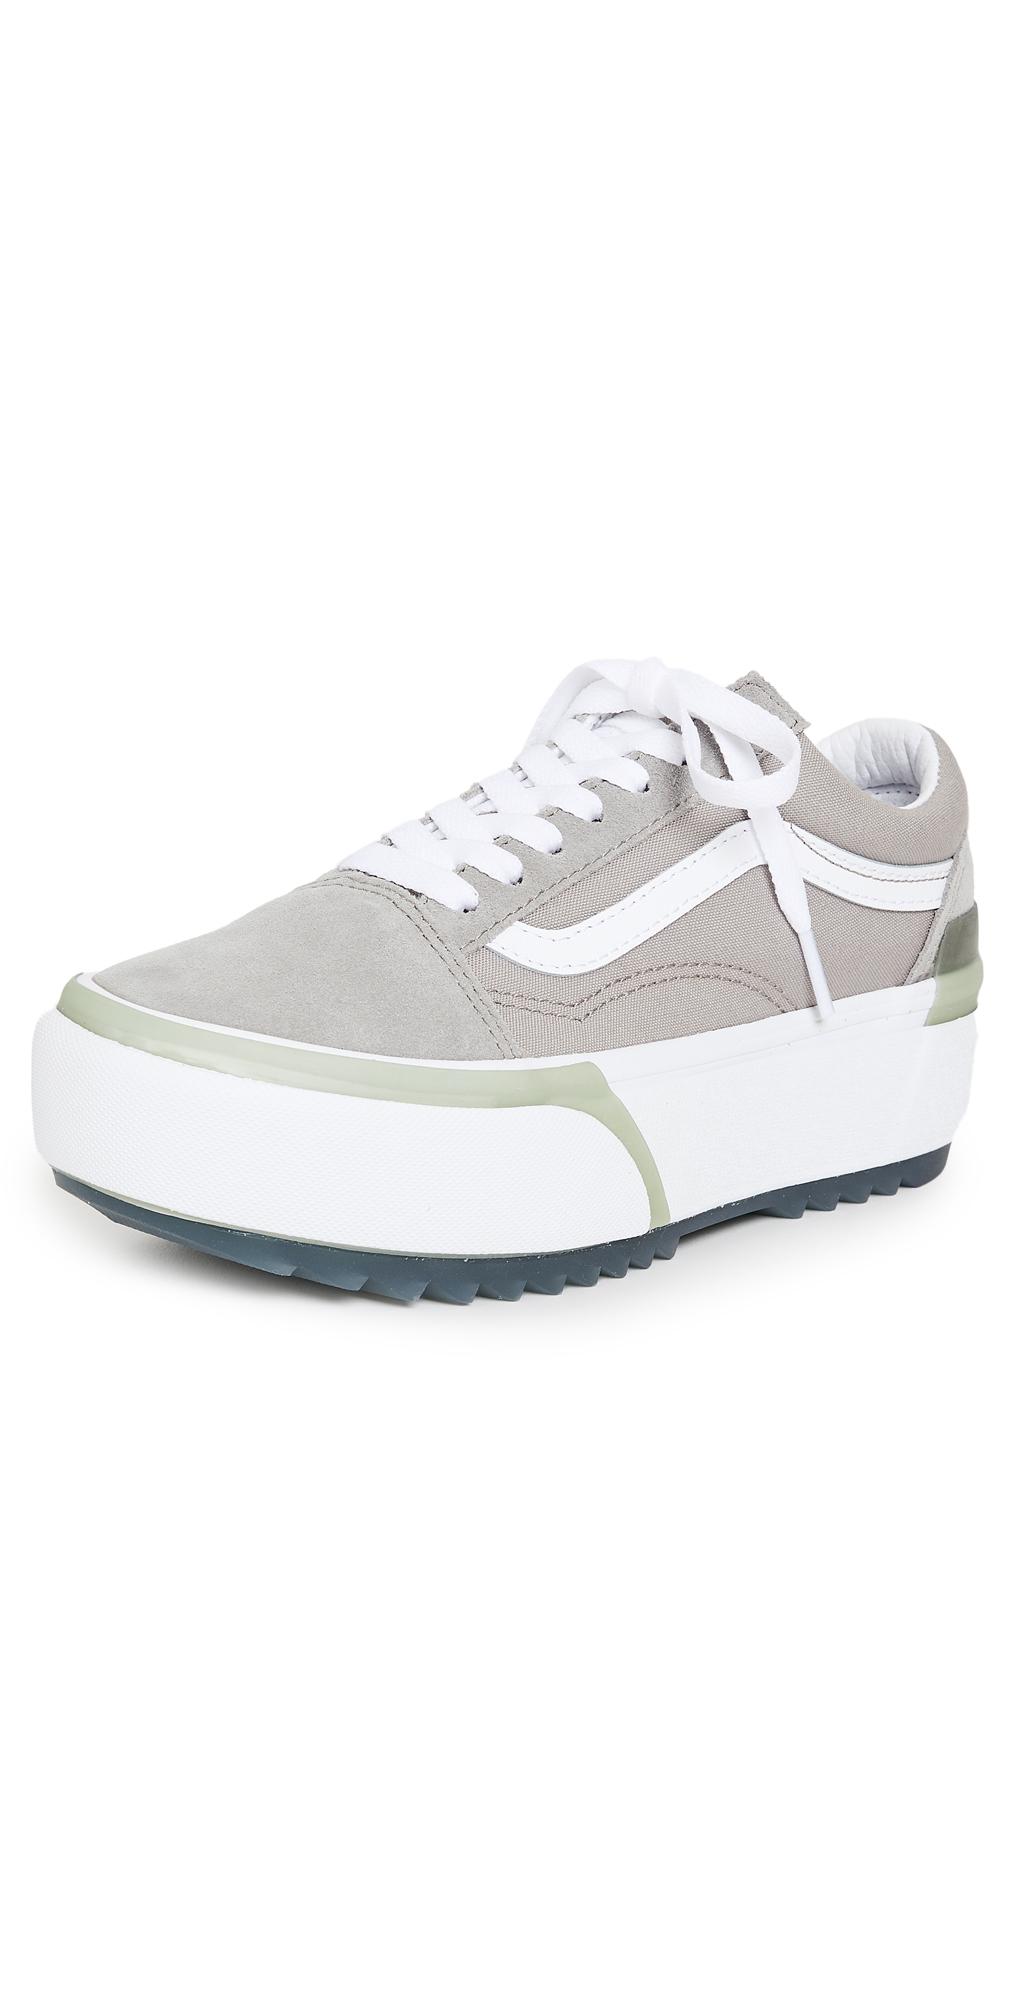 Vans Old Skool Stacked Sneakers